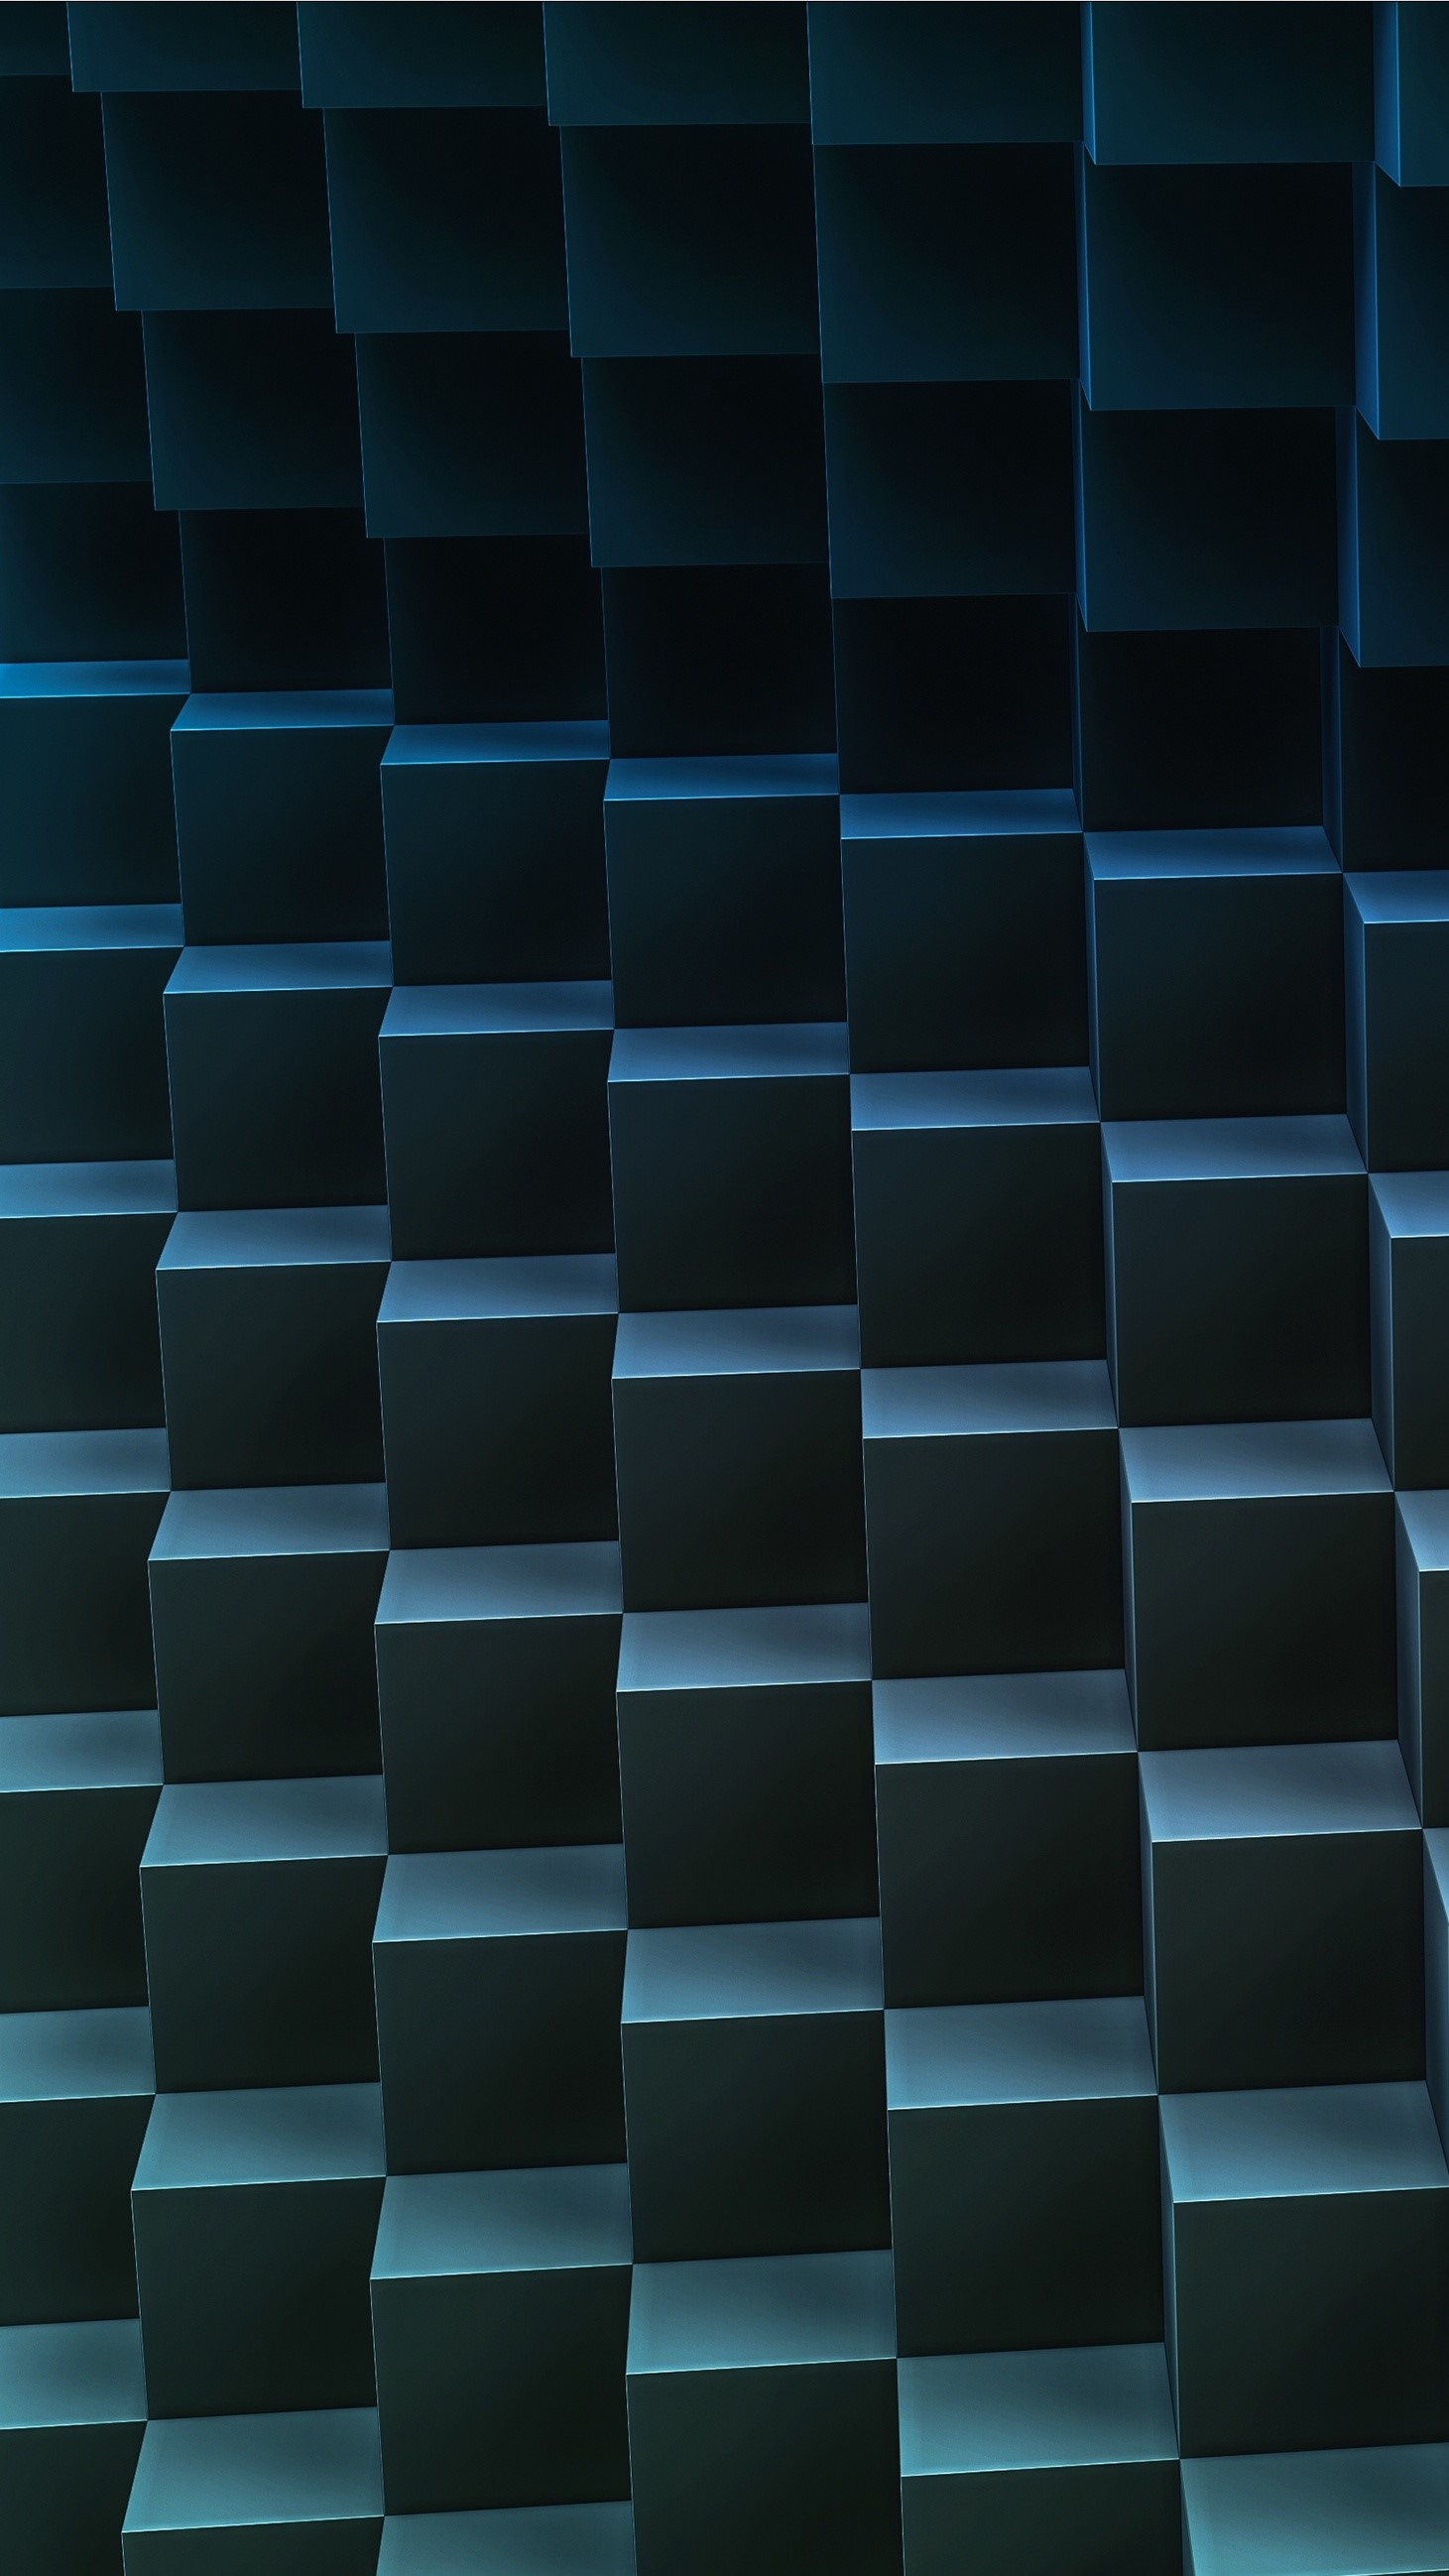 3d Mobile Phone Wallpaper 048